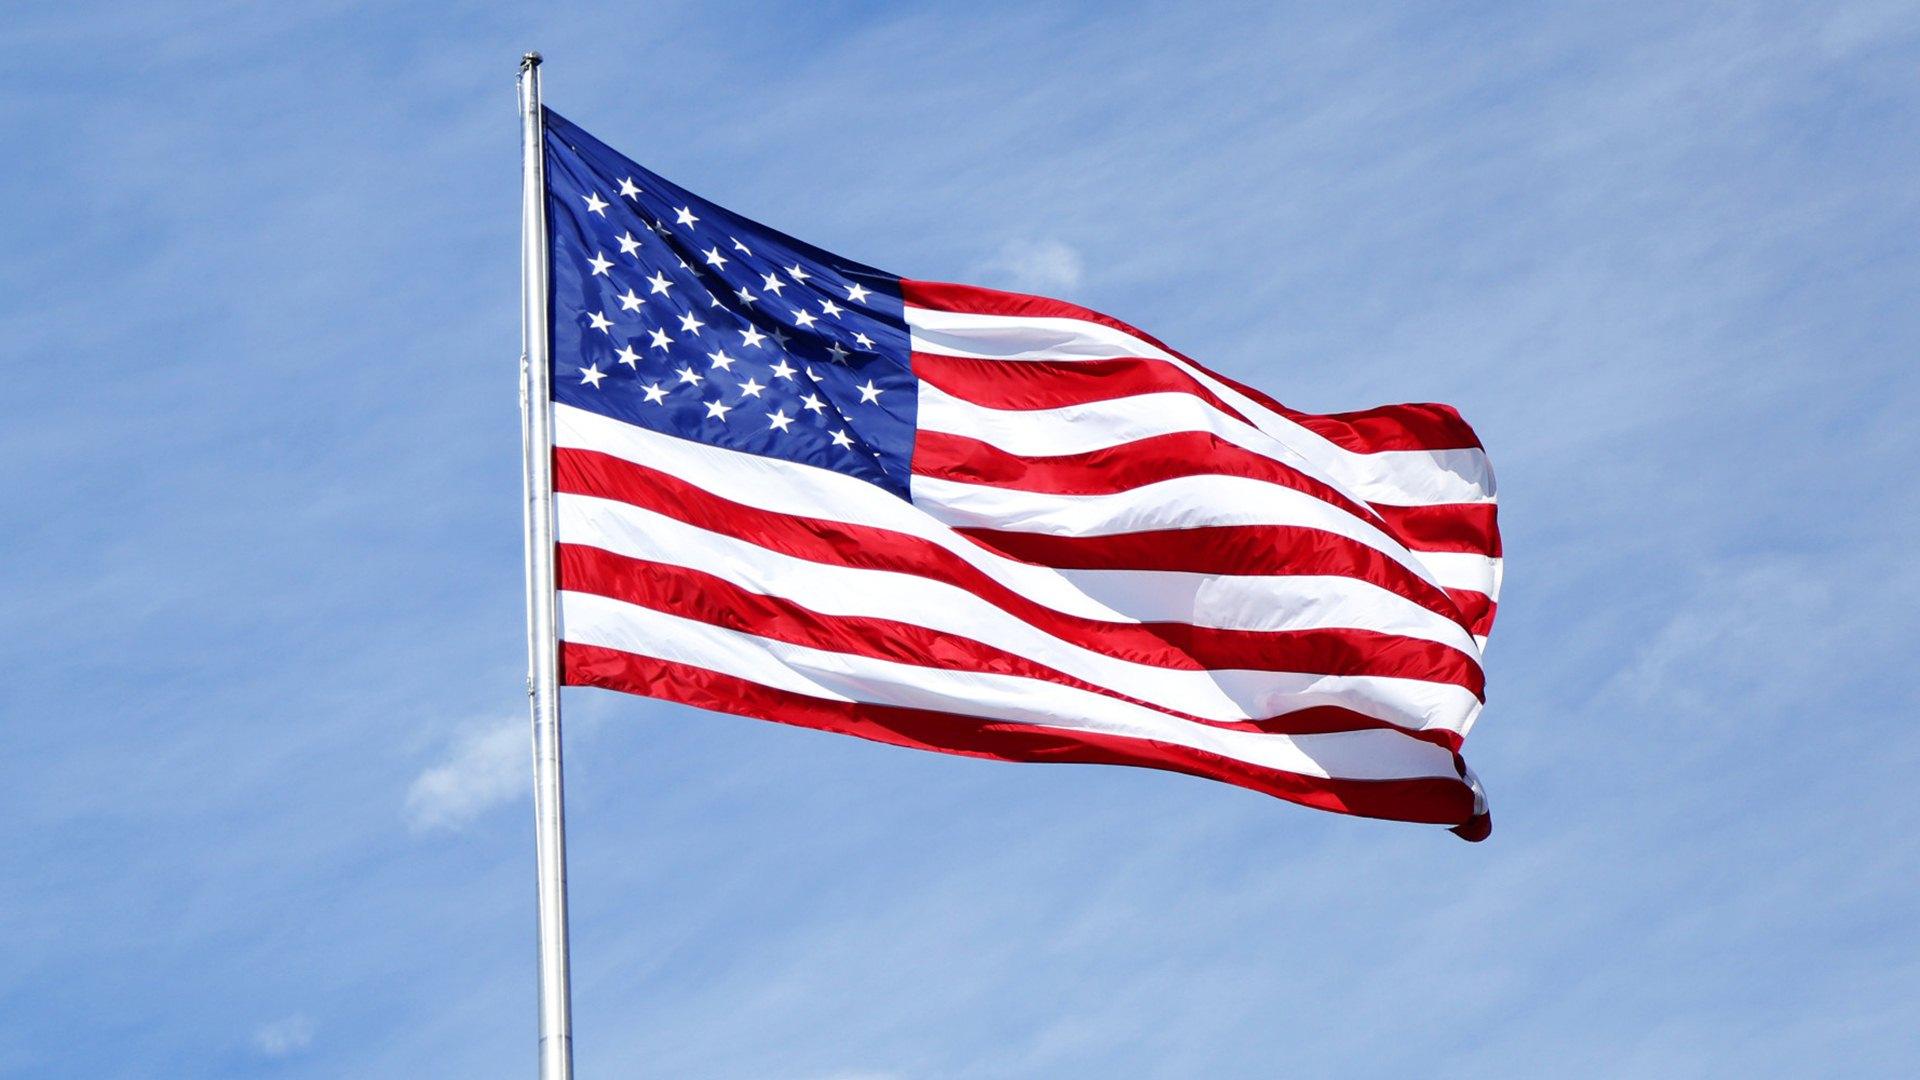 Flag Of Usa Pics Amp Wallpapers